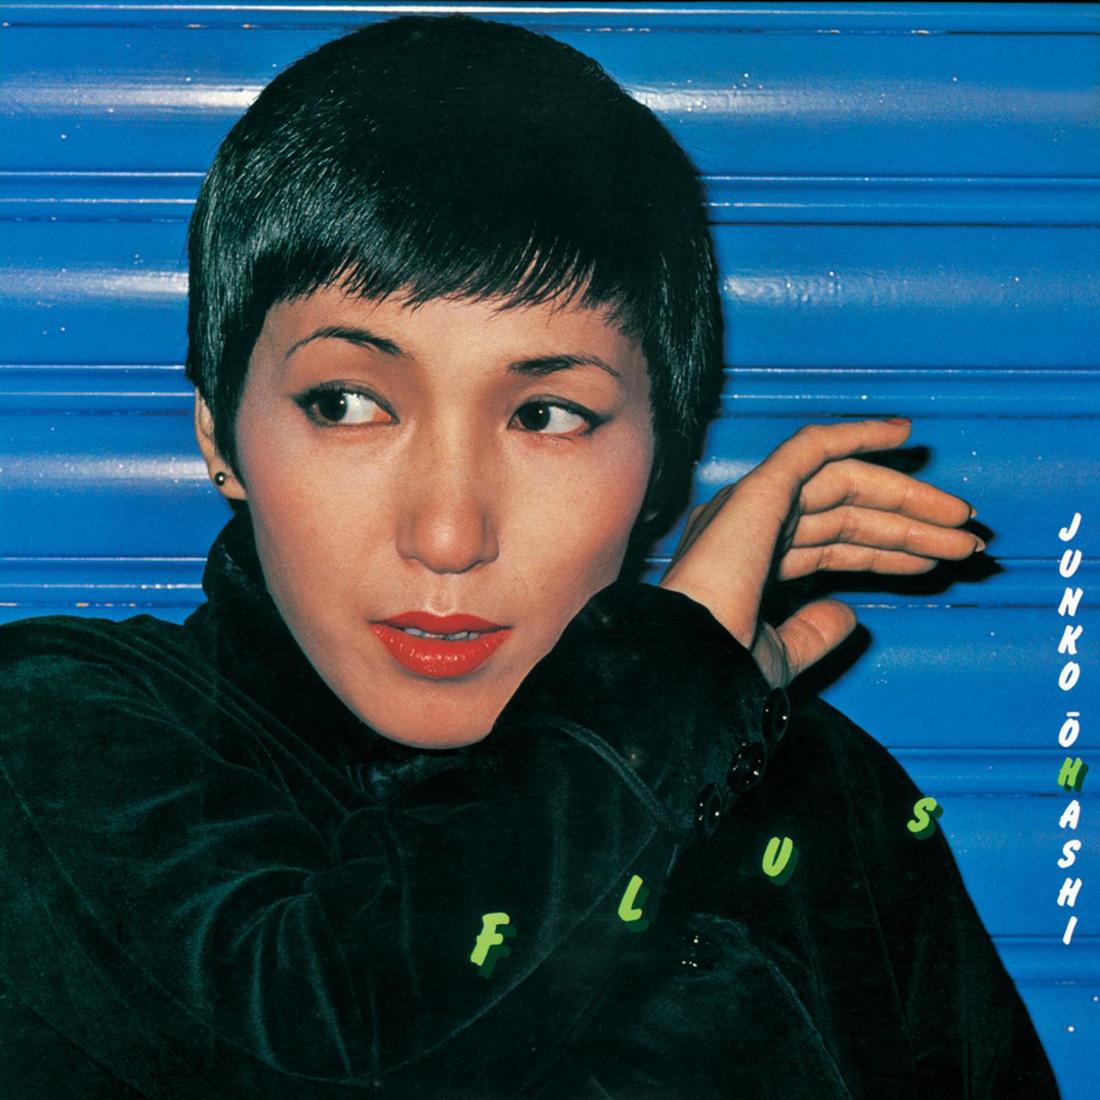 20181026.2128.09 Junko Ohashi - Flush (1978) cover.jpg